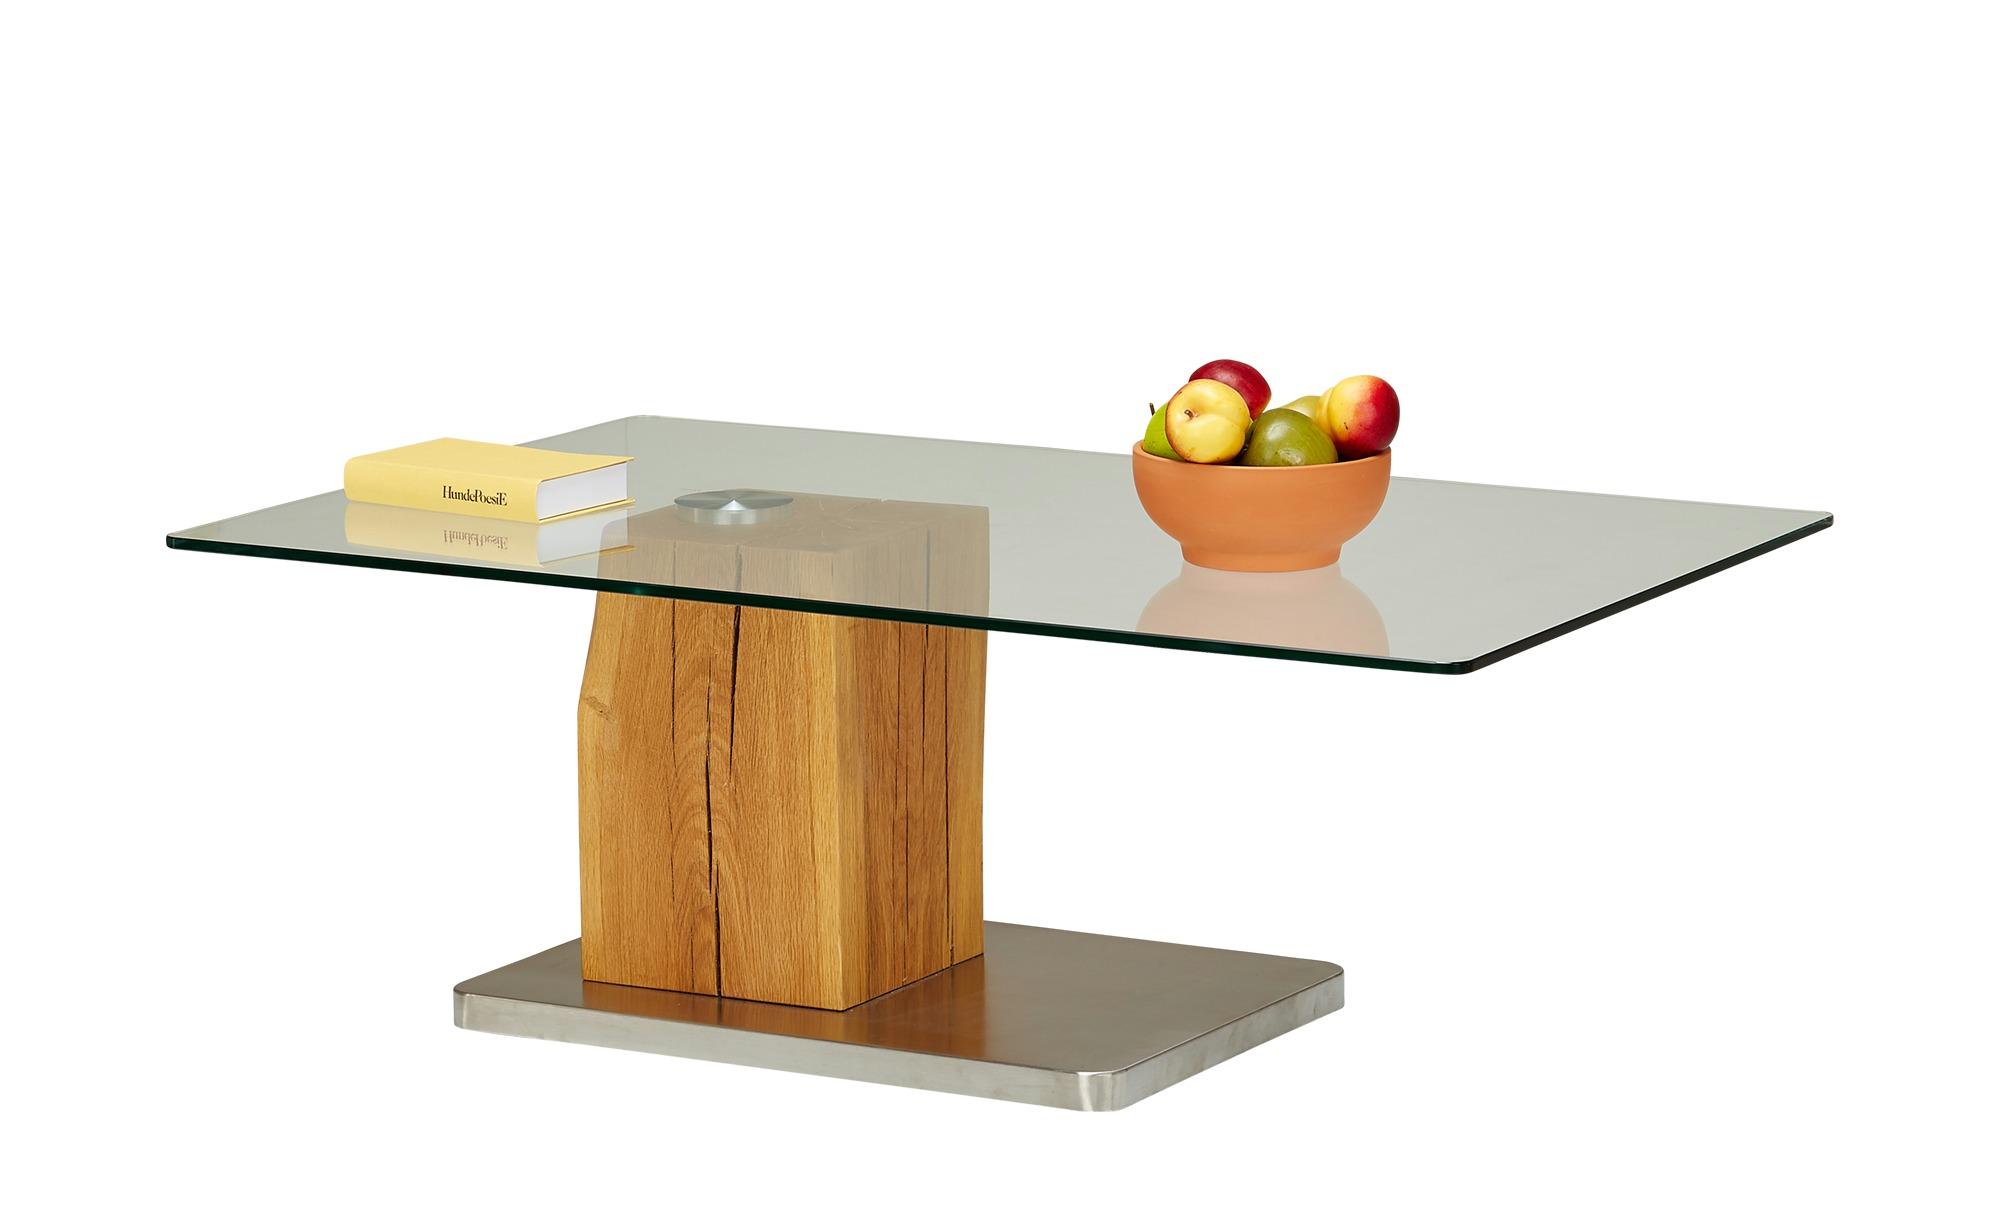 Couchtisch Holz Metall Glas Piana, gefunden bei Möbel Höffner